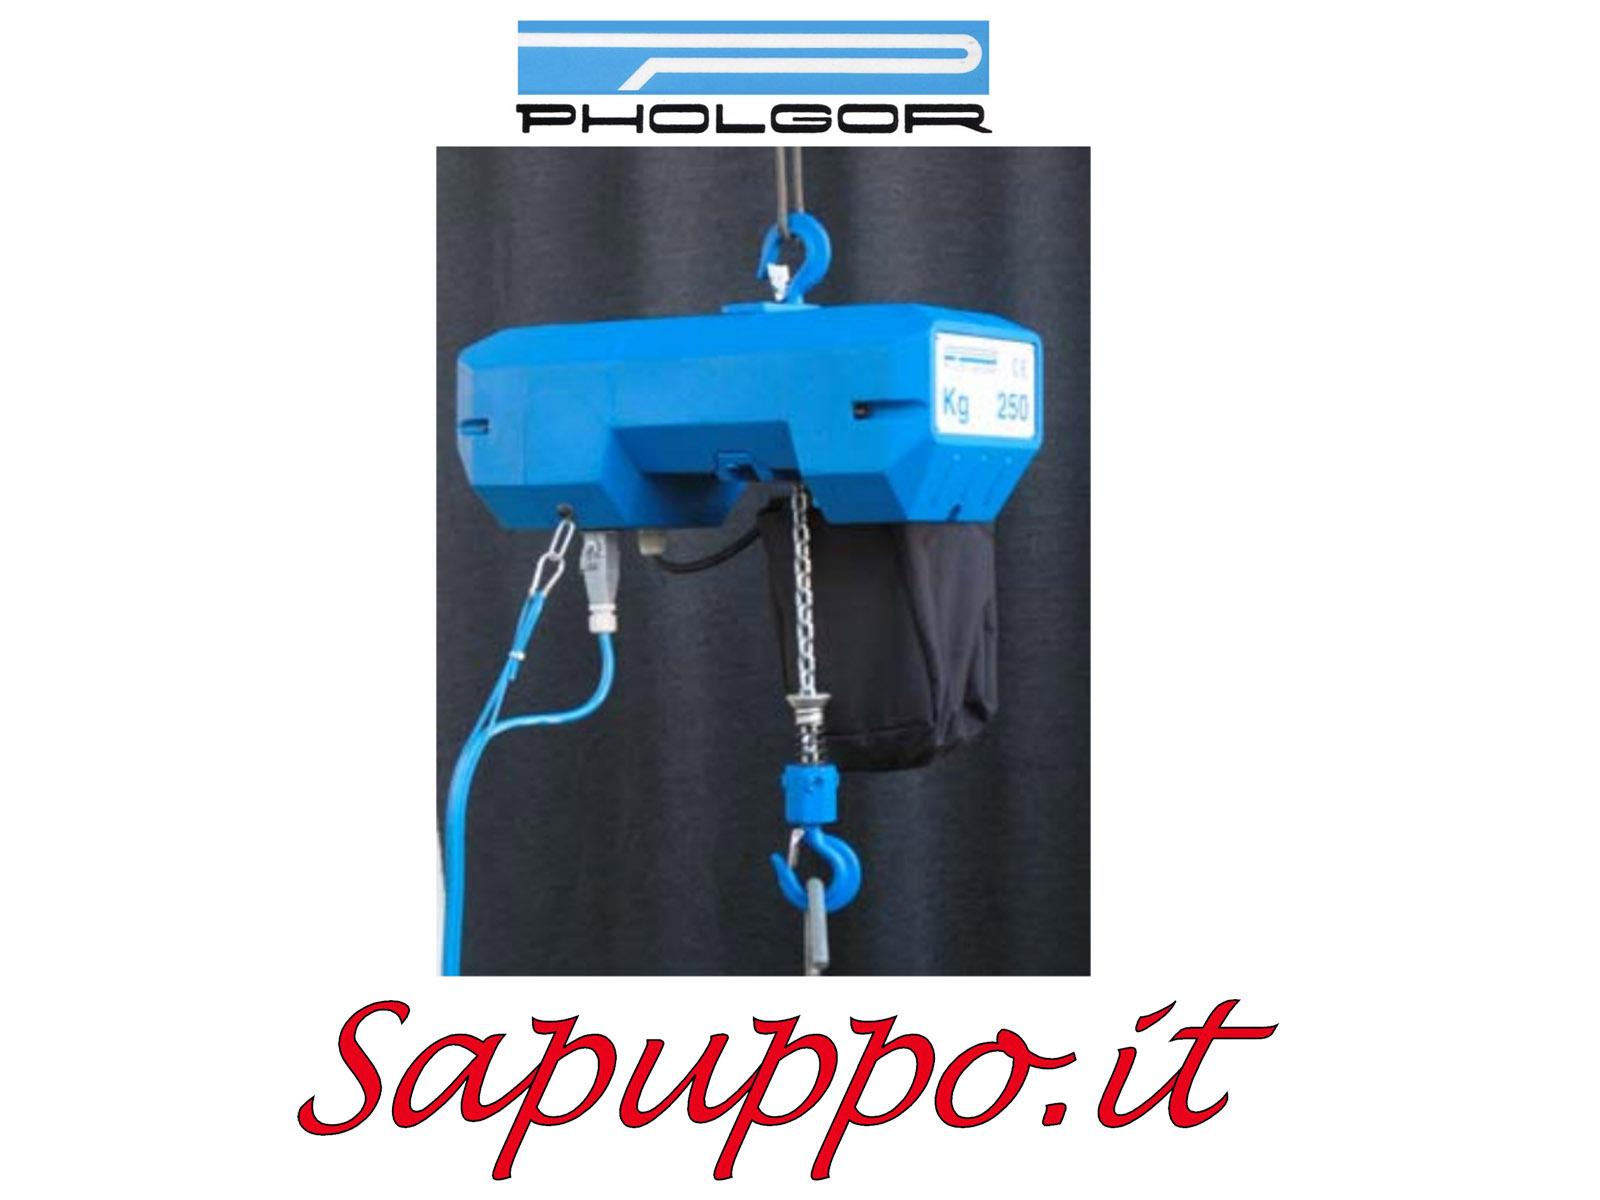 Paranco elettrico a catena a 2 velocità con carrello a traslazione a spinta - PHOLGOR